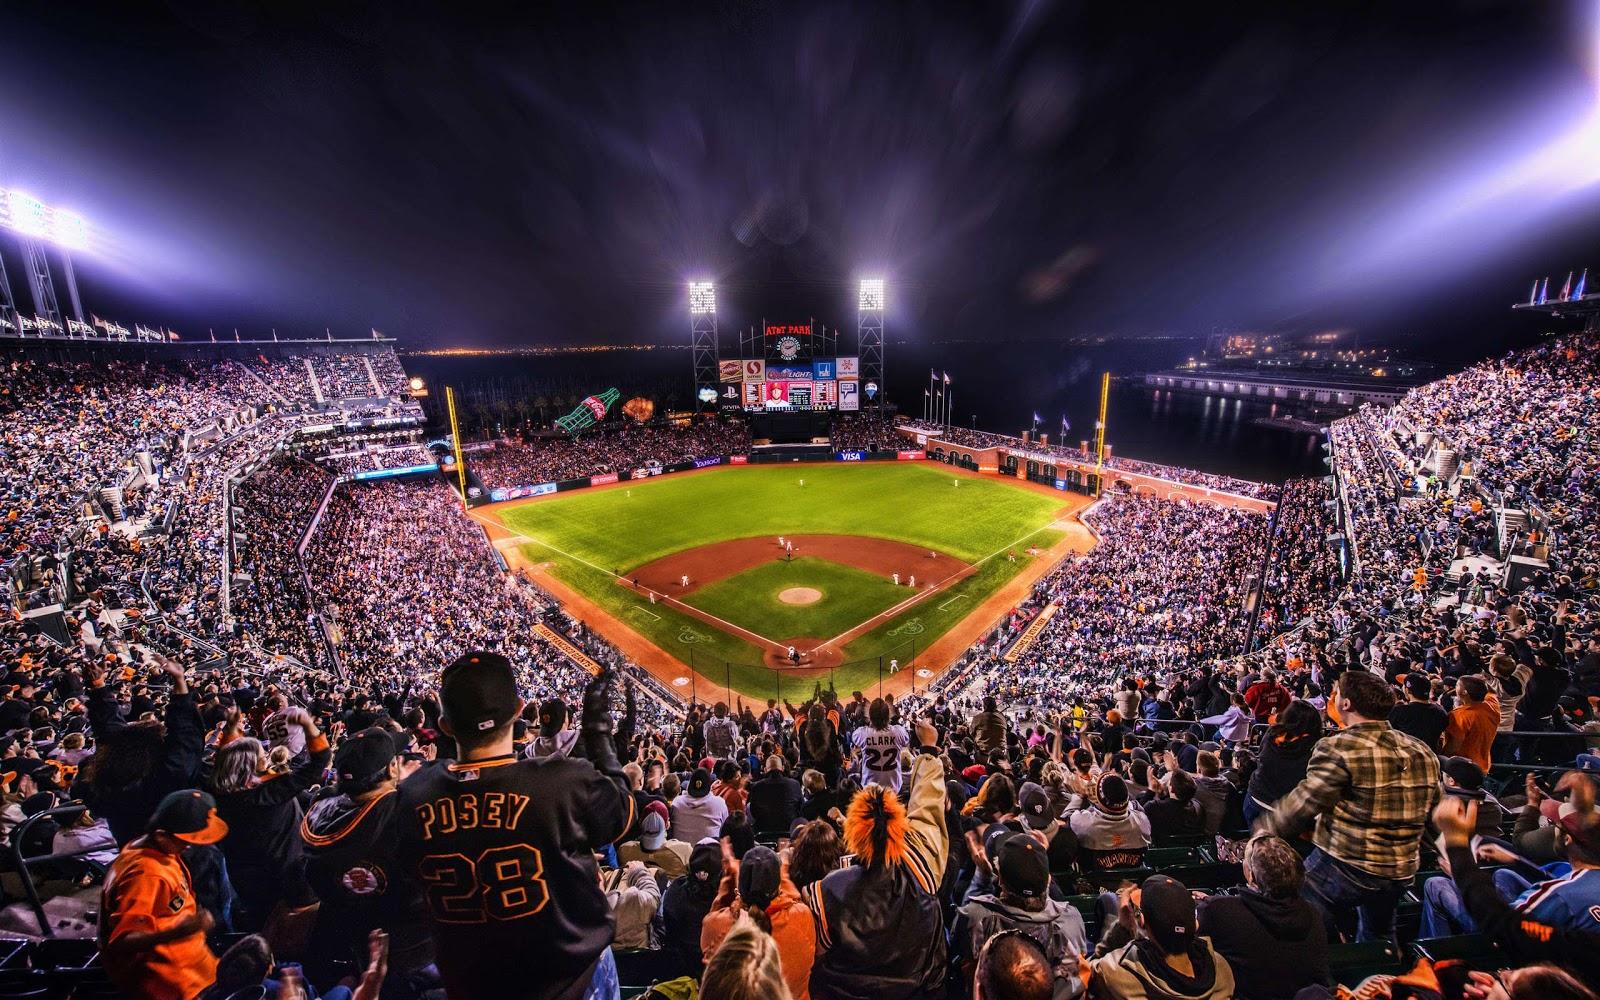 http://3.bp.blogspot.com/-77Mx-fmlR-I/UKjJKiXi6xI/AAAAAAAAEBw/cRoNFXhEnTE/s1600/HD-baseball-wallpapers-03.jpg